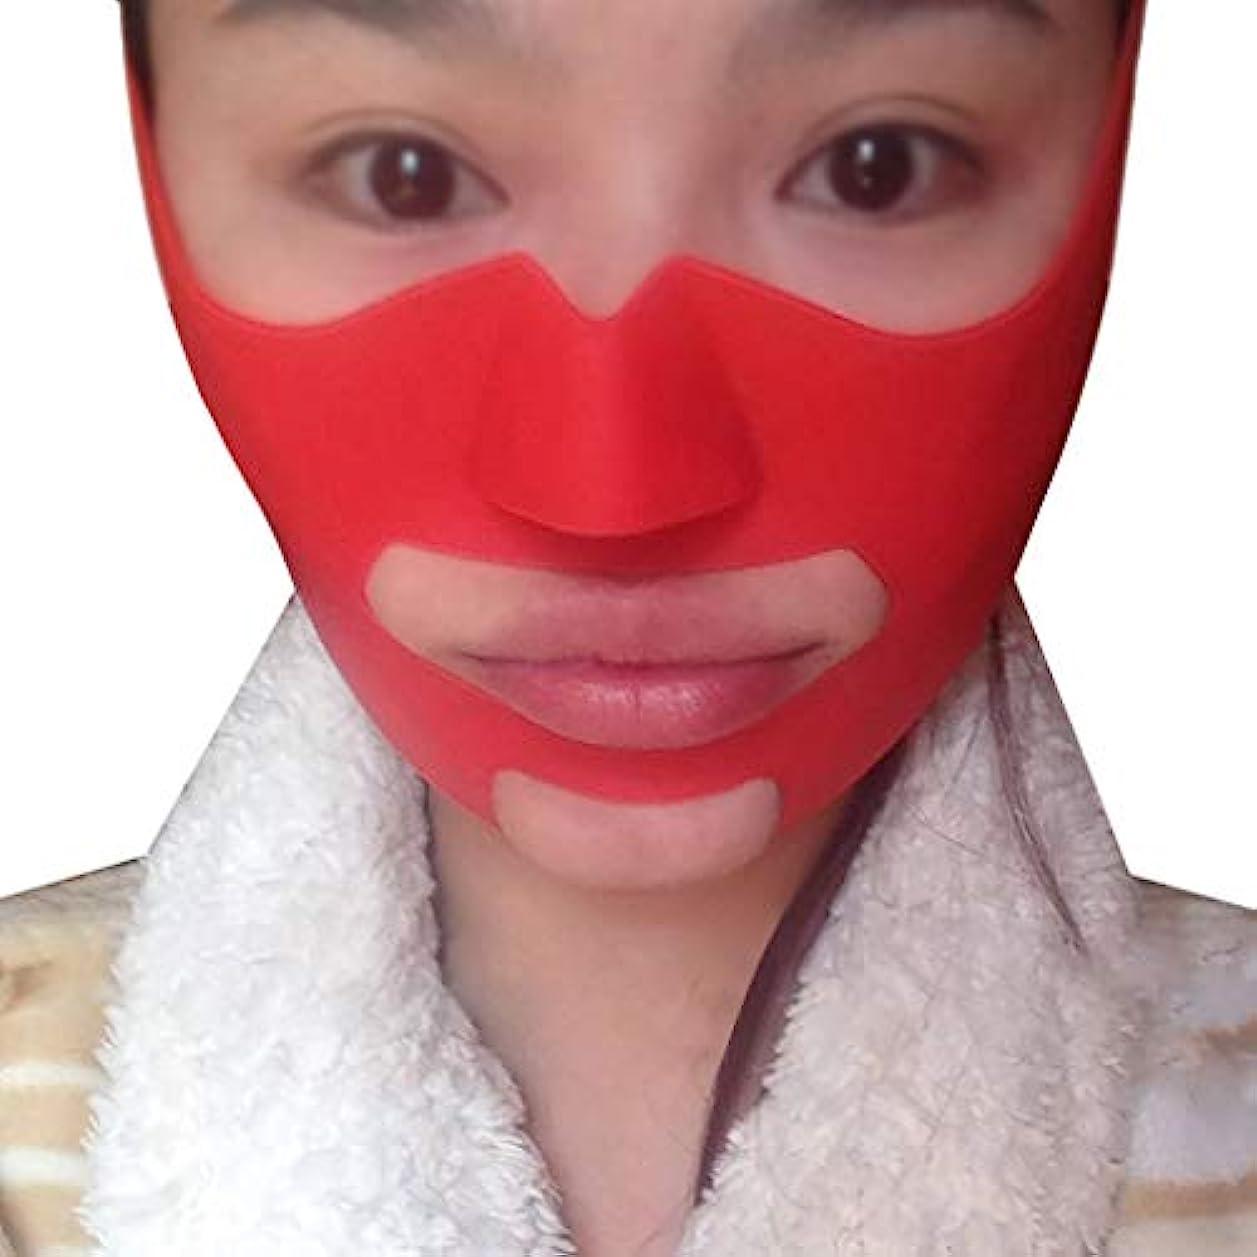 文字通り後方耐えるフェイスリフトマスク、シリコーンVフェイスマスクフェイスマスク強力な薄い咬筋の筋肉は、パターンのアーティファクト小さなVフェイス包帯の顔と首のリフトを解くためにリンゴの筋肉を持ち上げます